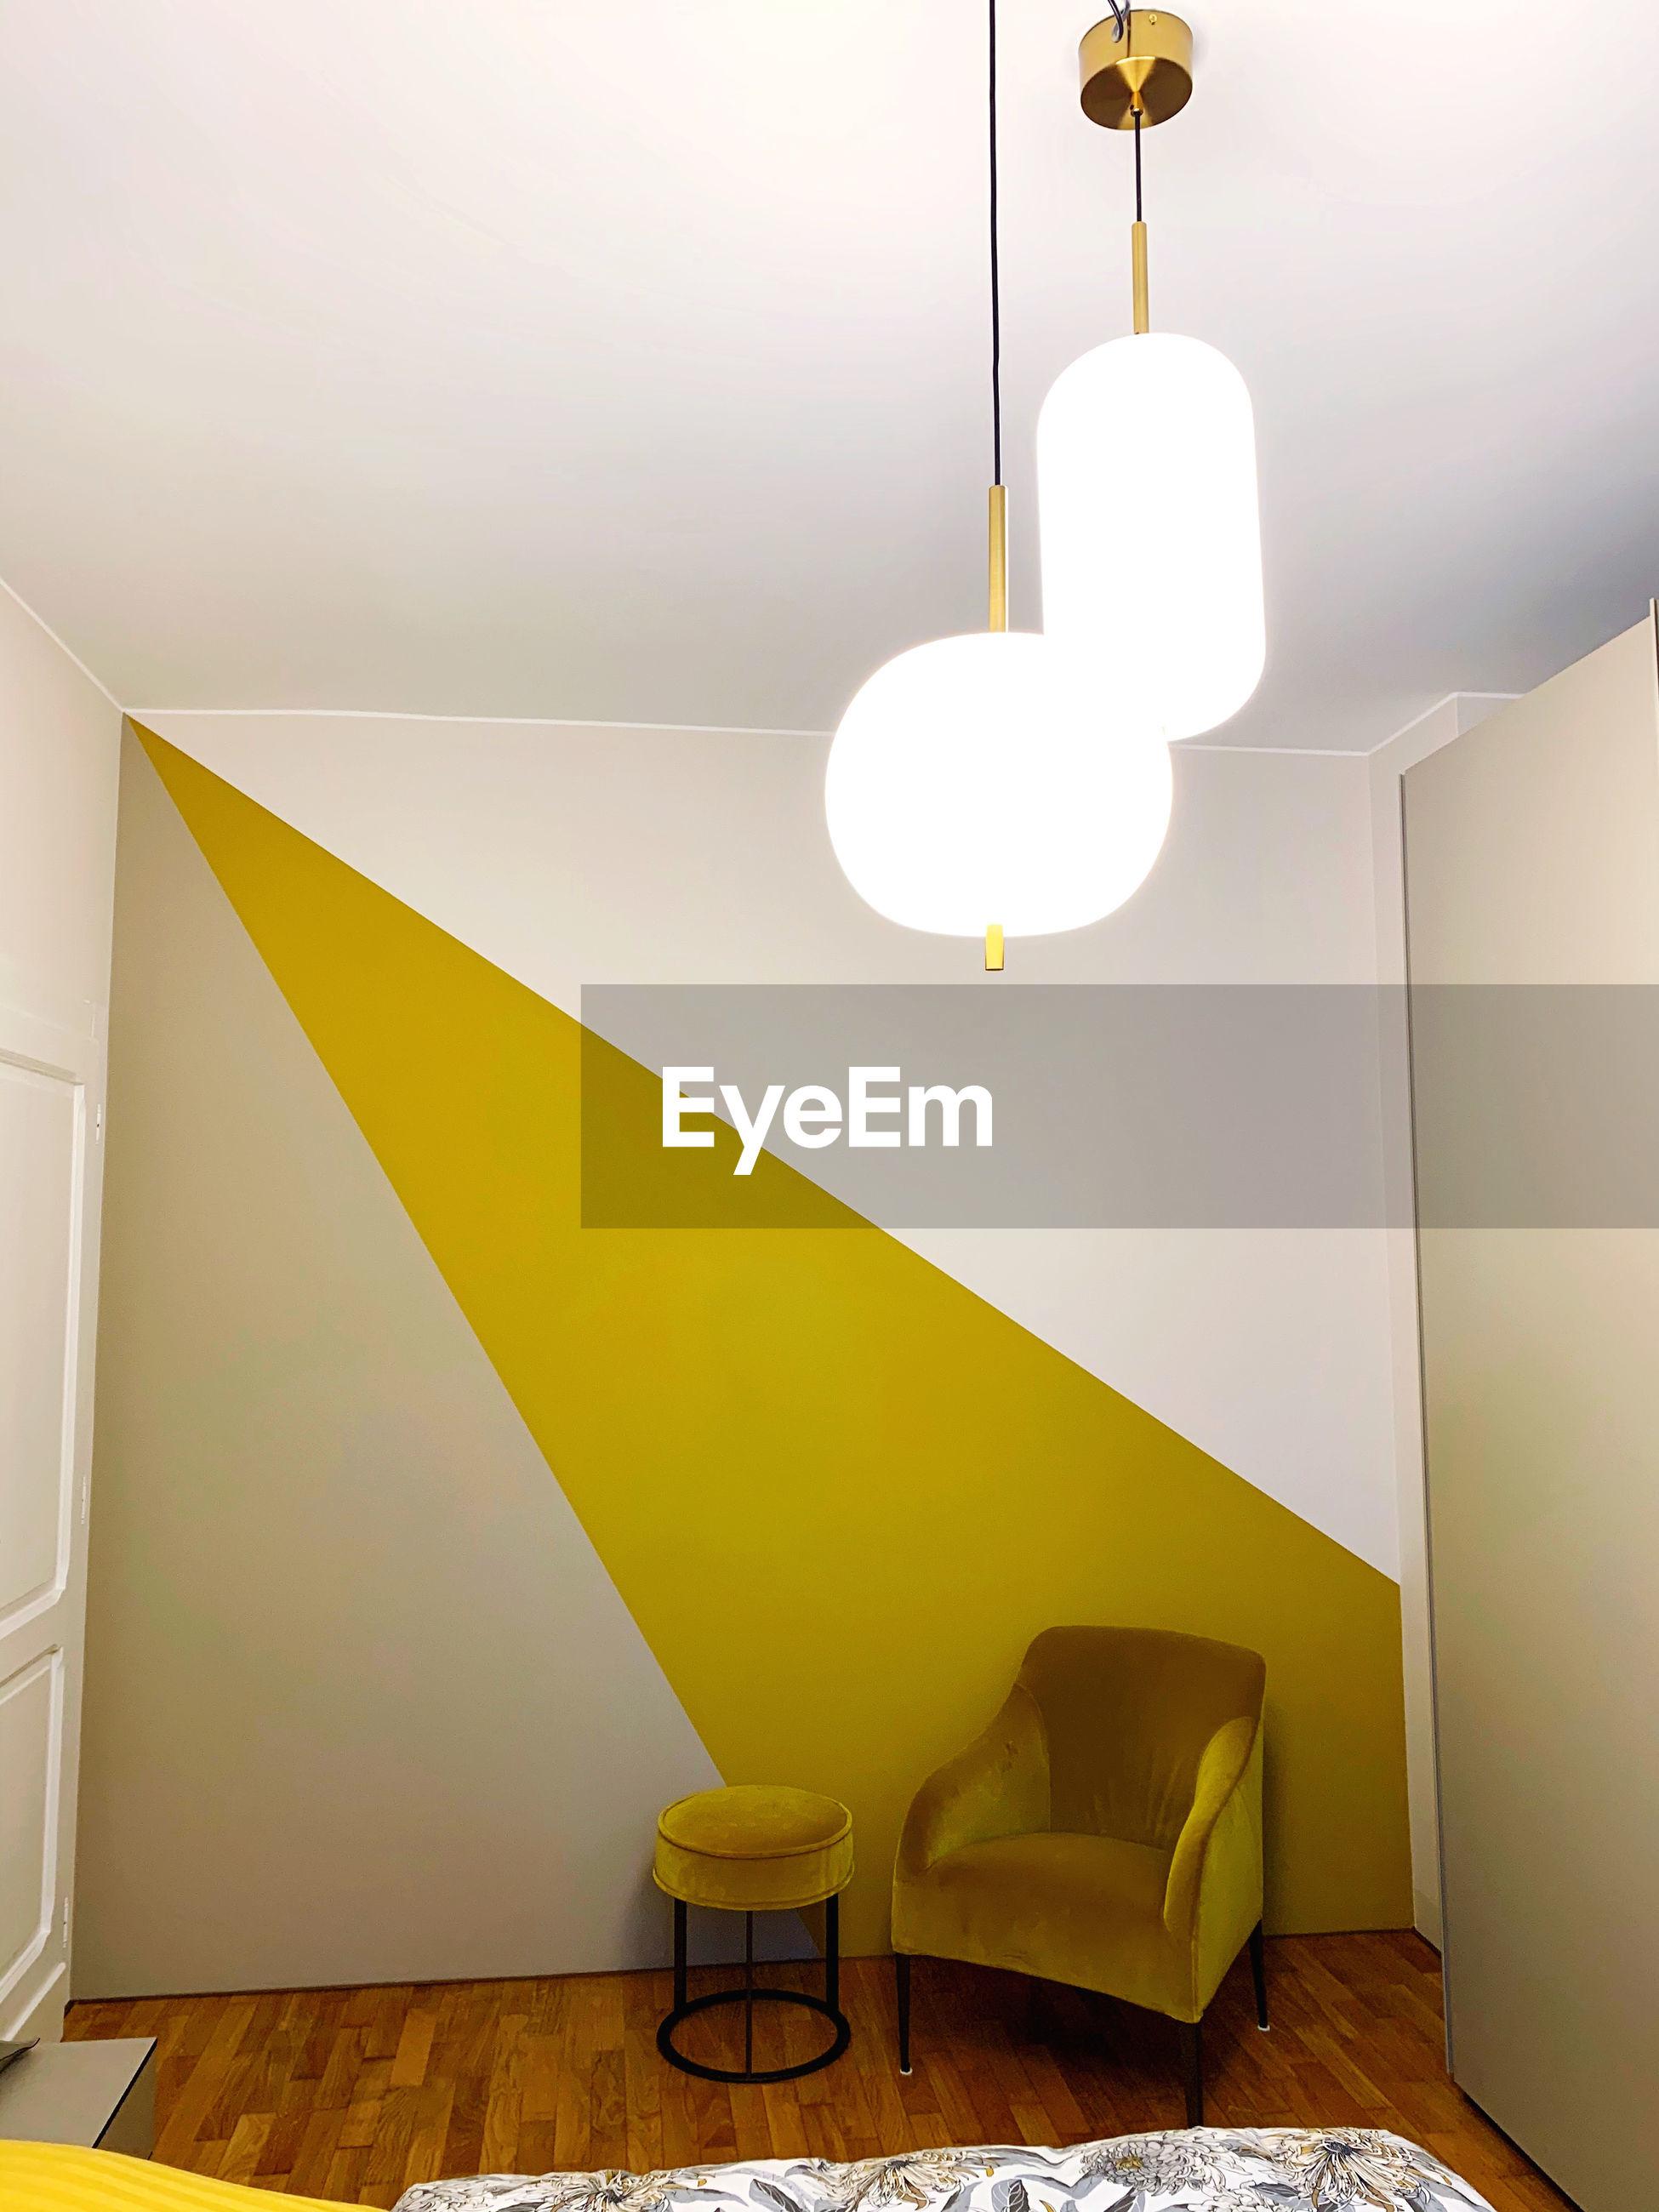 ILLUMINATED LAMP IN ROOM